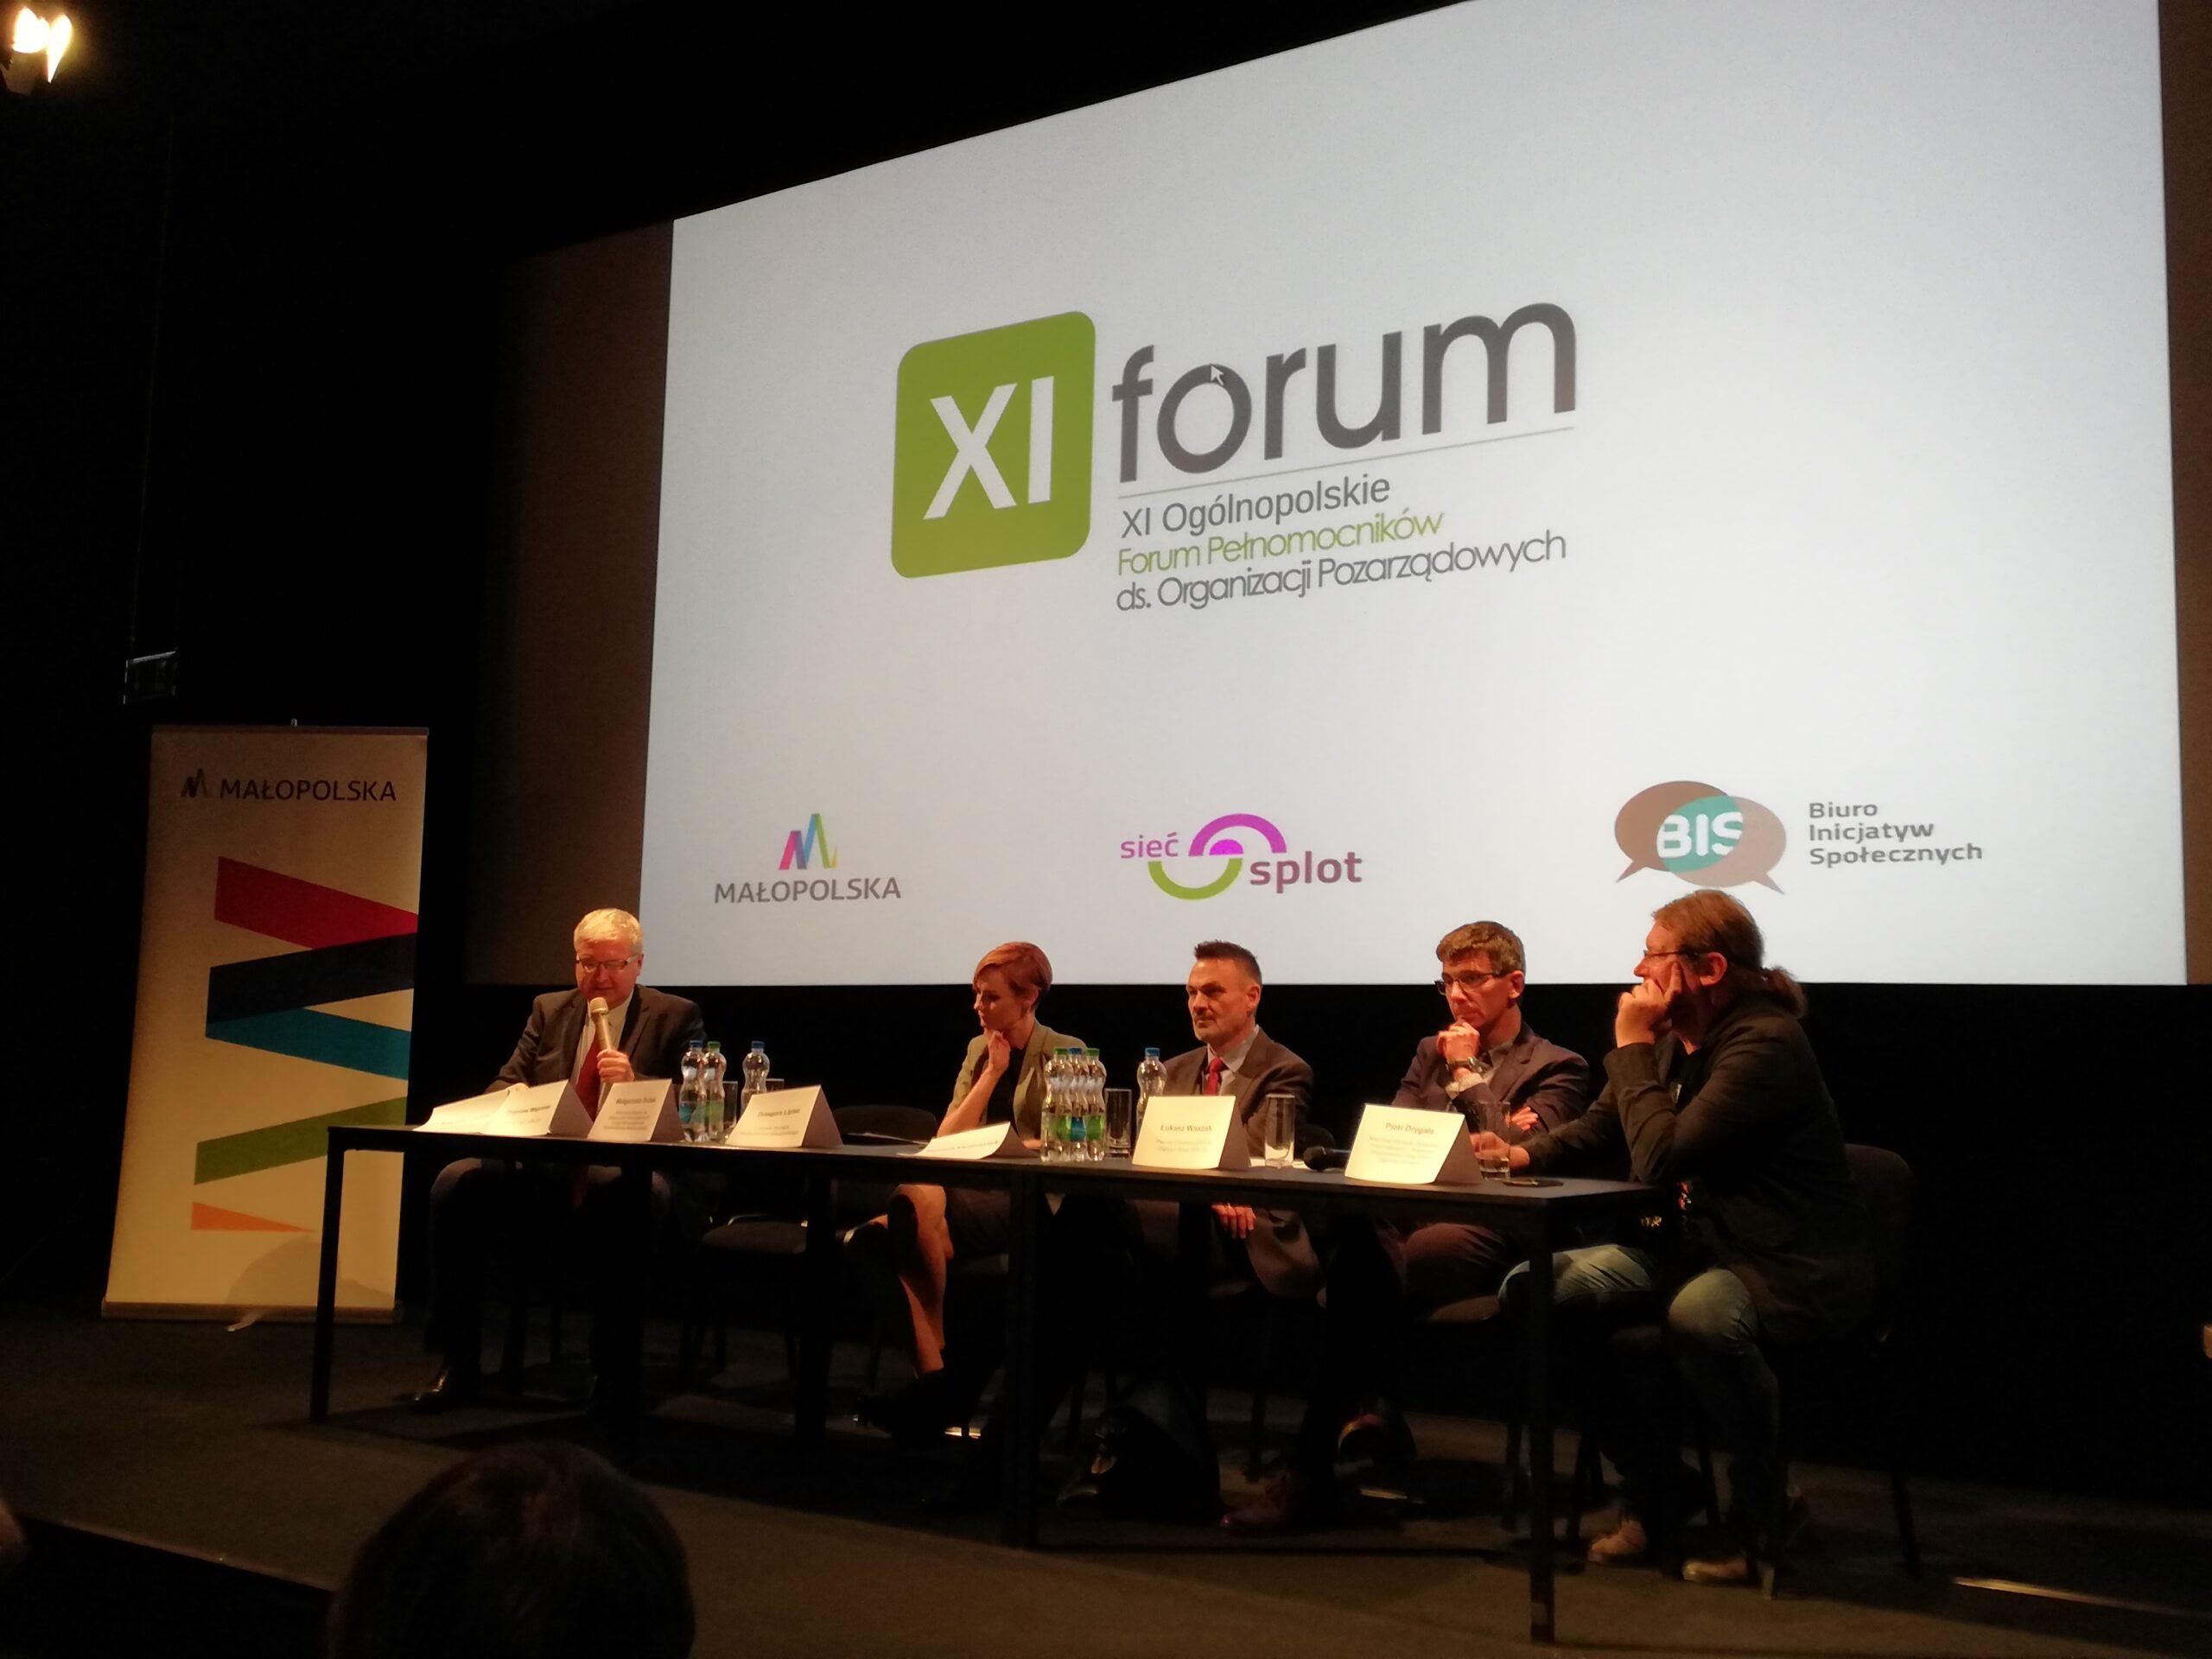 XI Ogólnopolskie Forum Pełnomocników ds. Współpracy z NGO w Krakowie